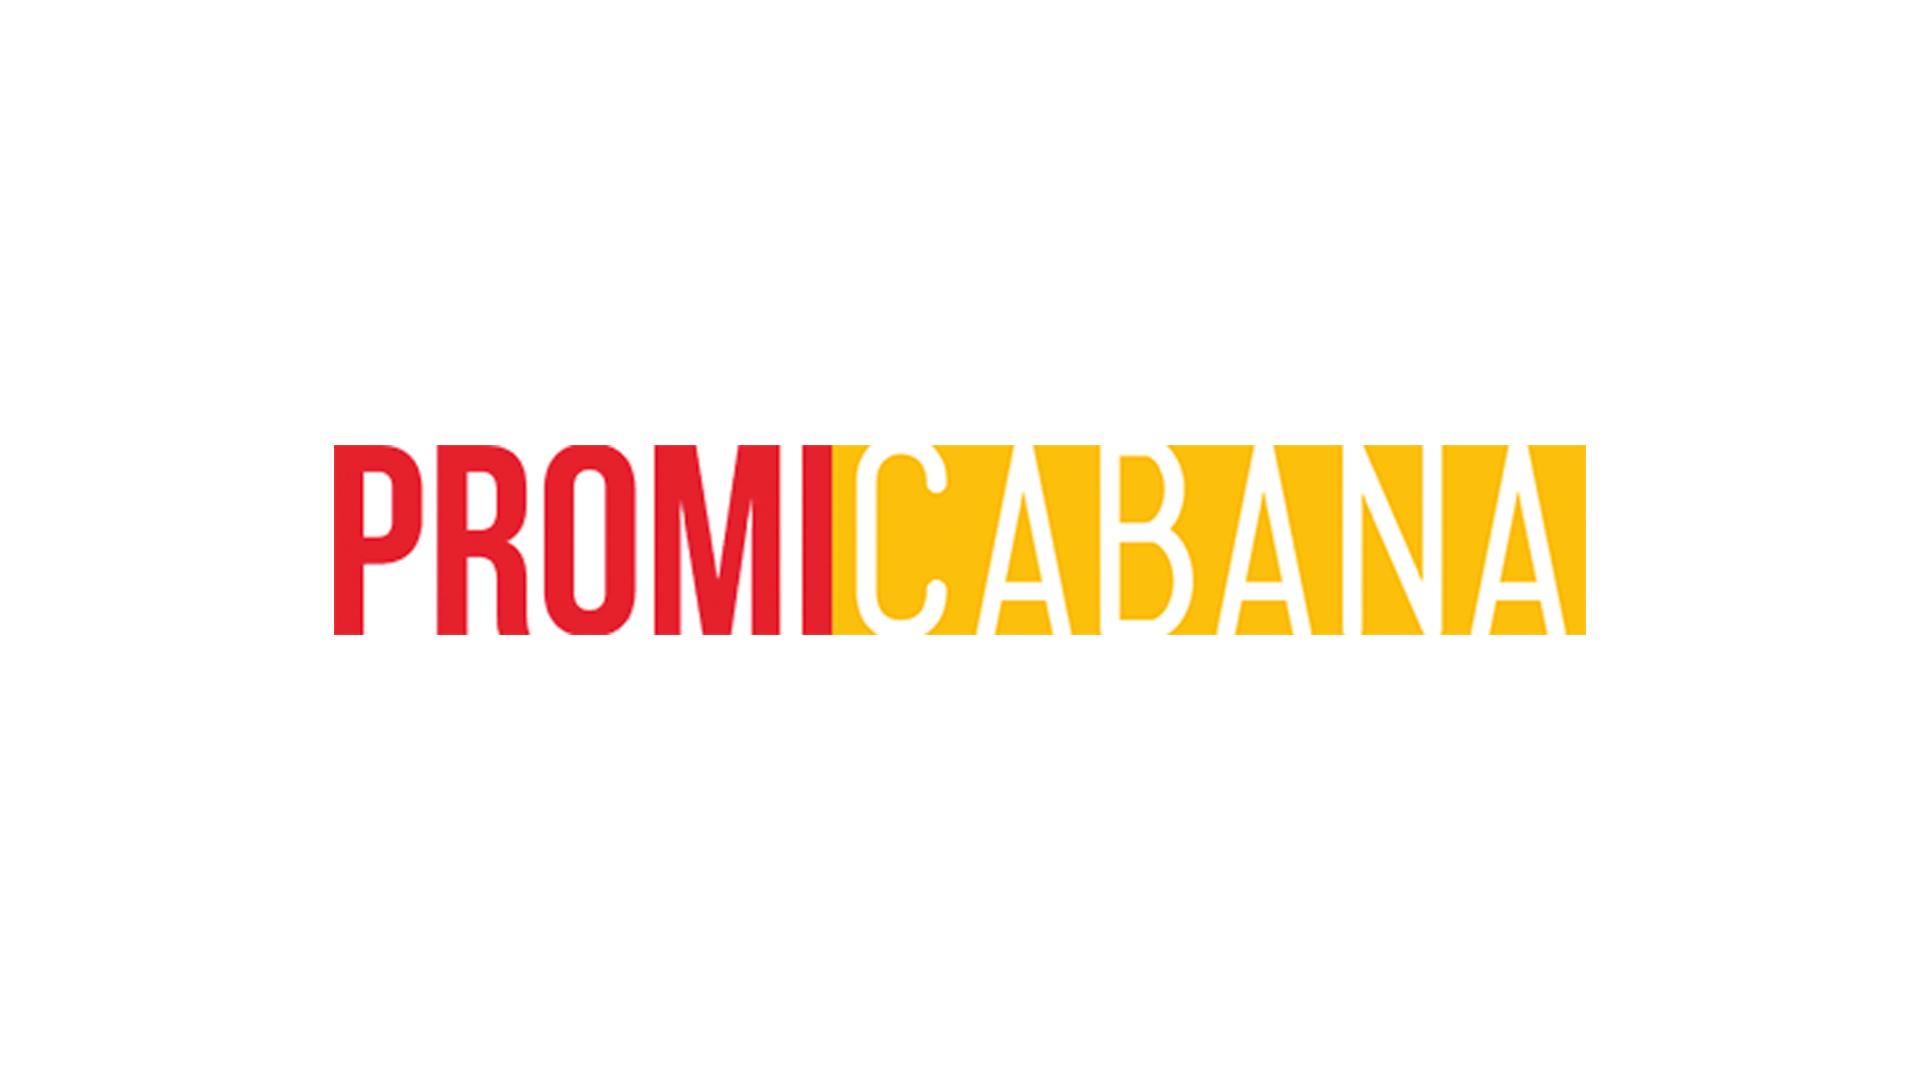 EL-James-Kevin-Spacey-Dinner-New-York